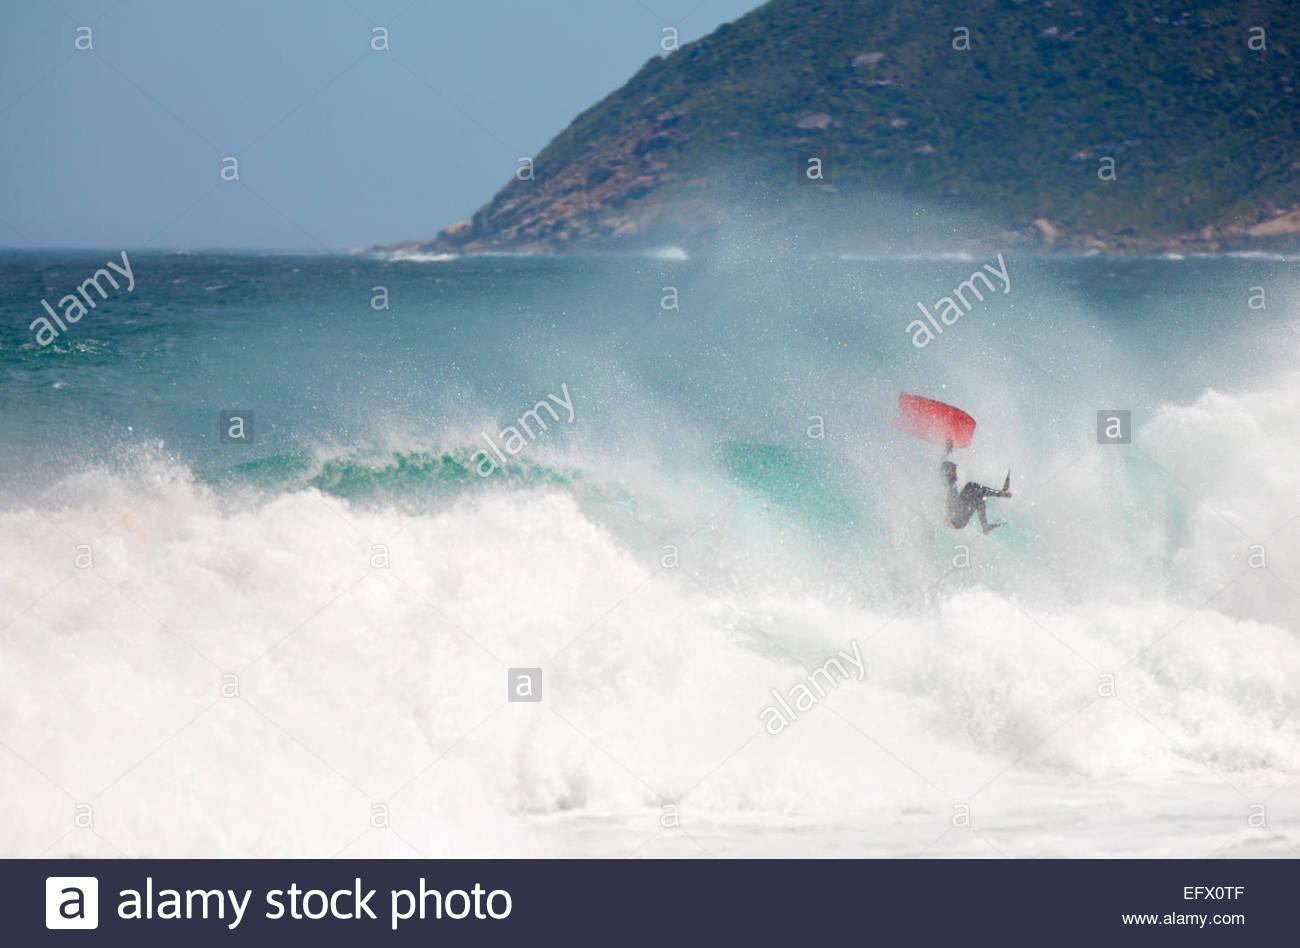 Tomber de surfer sur la vague du corps Photo Stock